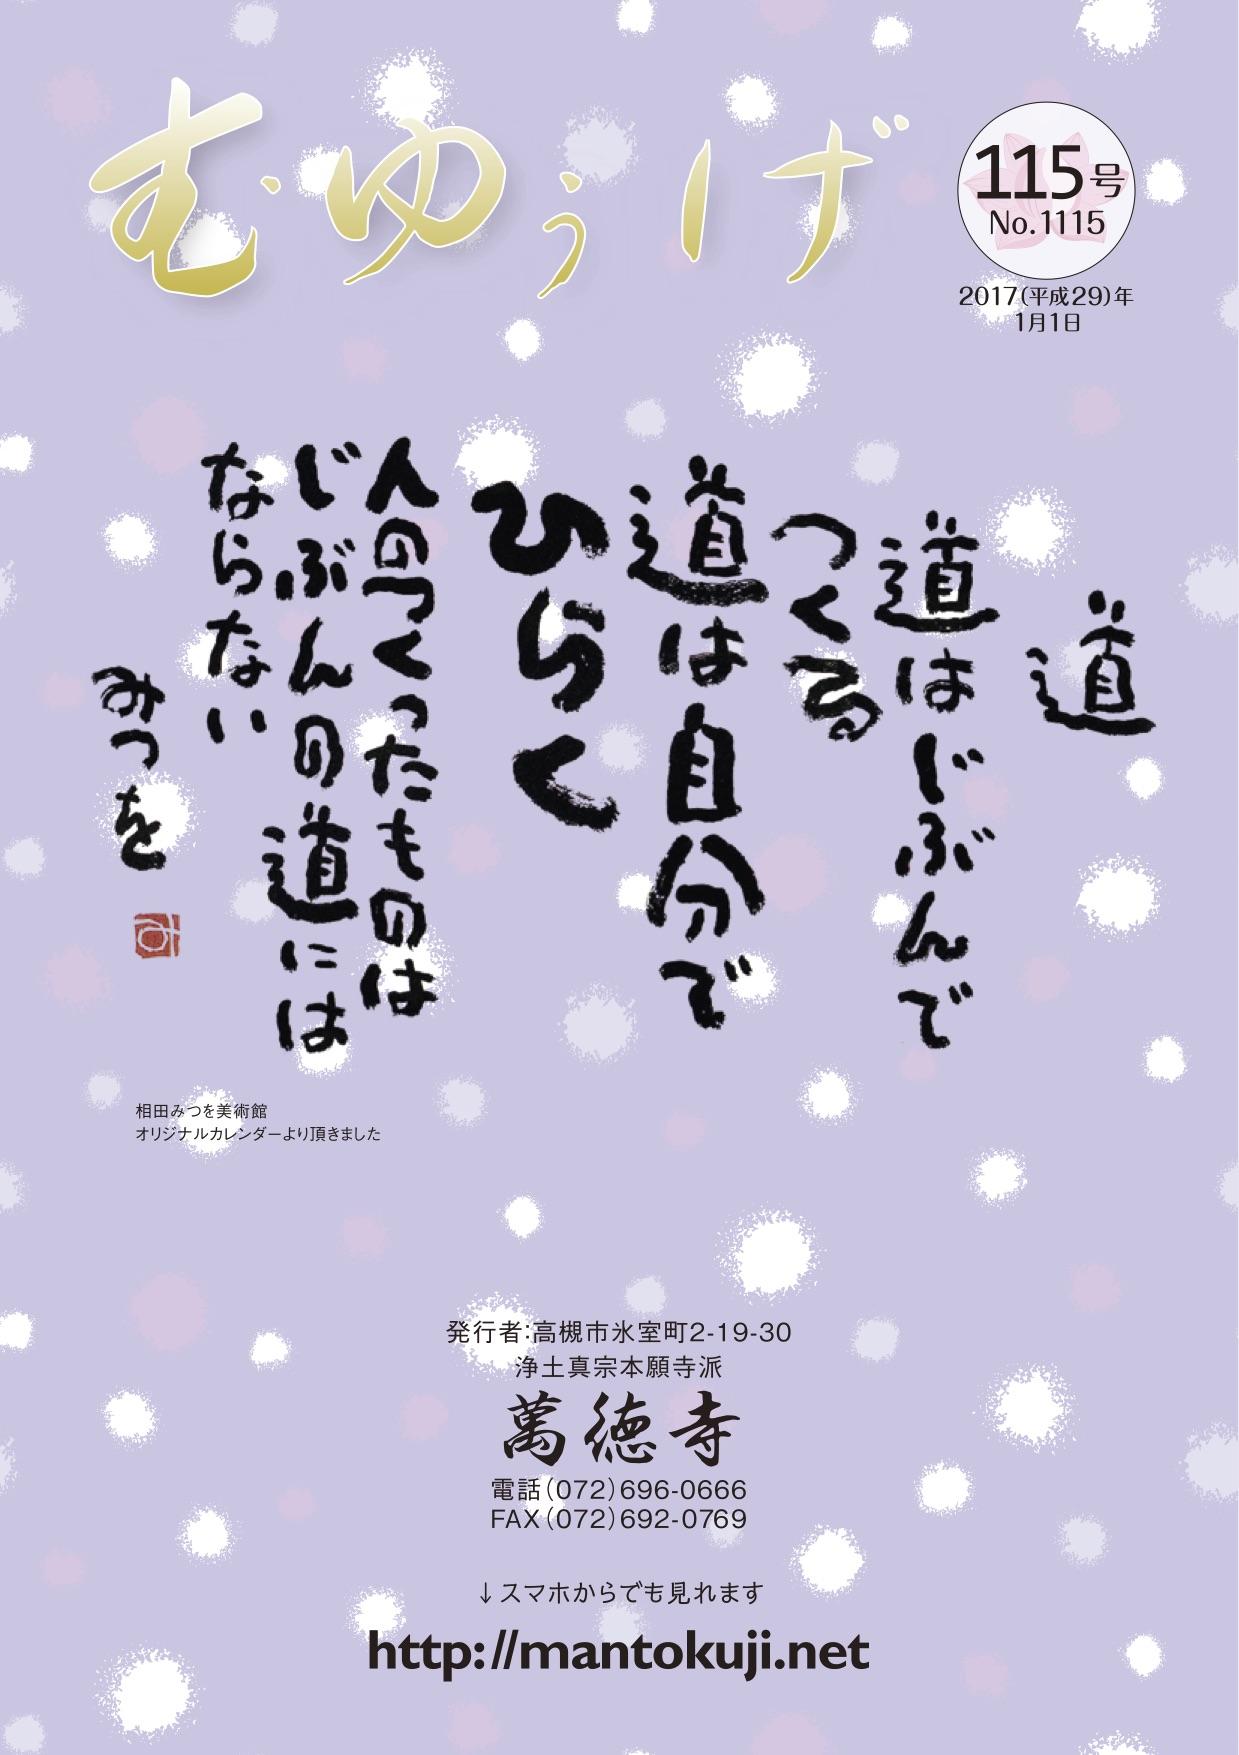 むゆうげ第115号(2017/1/1発行)